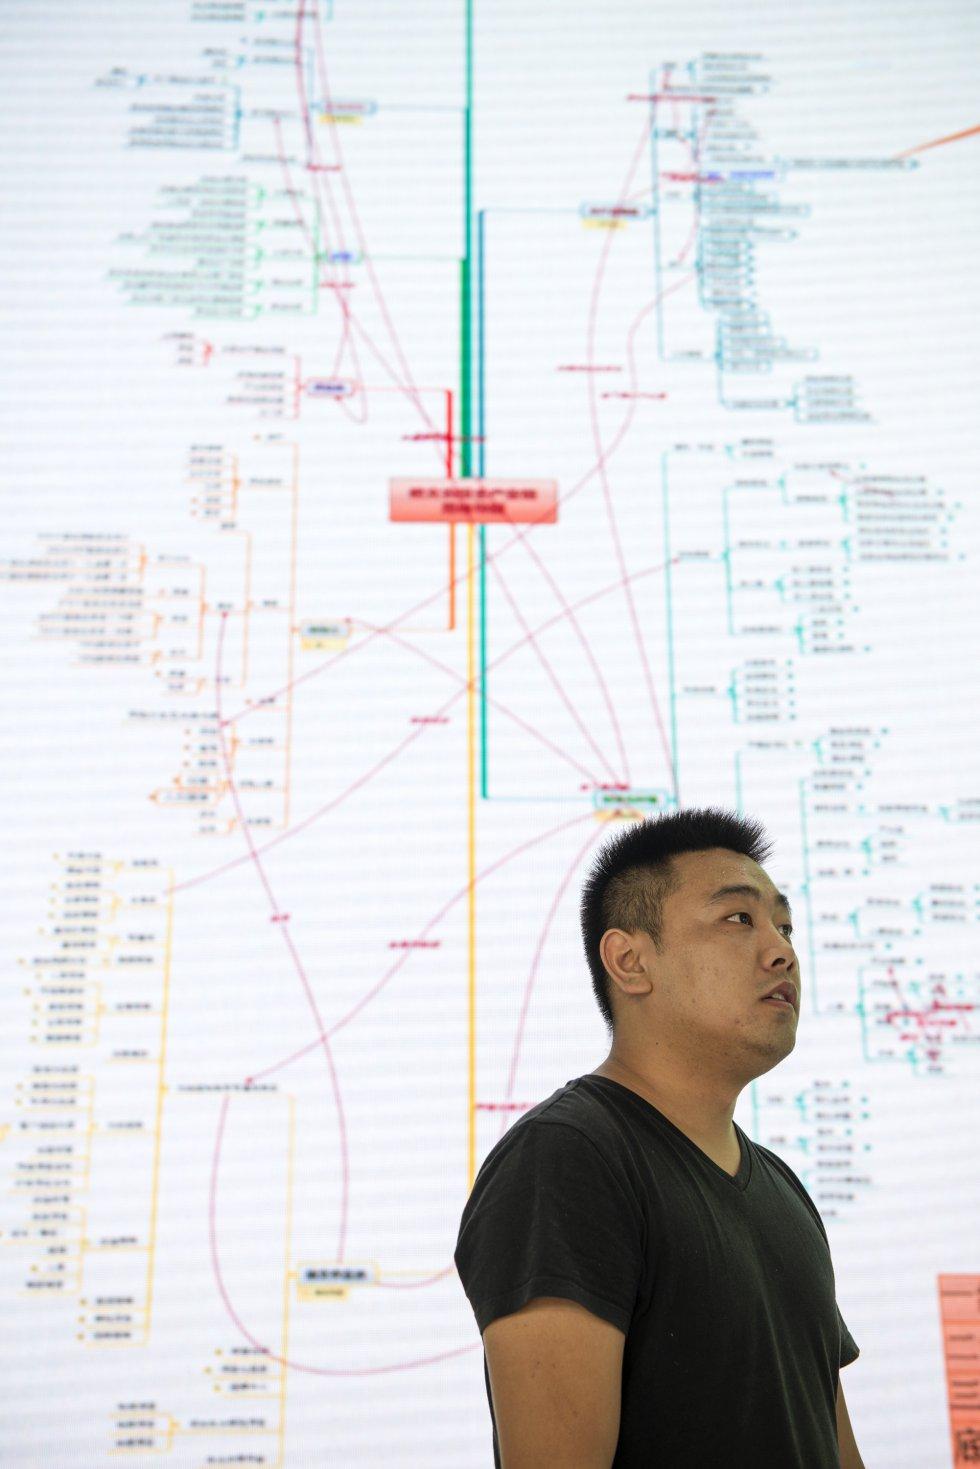 """""""La tecnología es clave para la eficiencia de todos los sectores. También de la agricultura"""", afirma Zheng Jian, responsable de Operaciones de la Corporación Estatal para el Desarrollo y la Inversión. Su empresa ha logrado implementar estos sistemas de análisis de datos en más de 5.000 pequeñas plantaciones y dar así consistencia a la denominación de origen del kiwi de Xiuwen, que pertenece a la variedad local Guichang."""